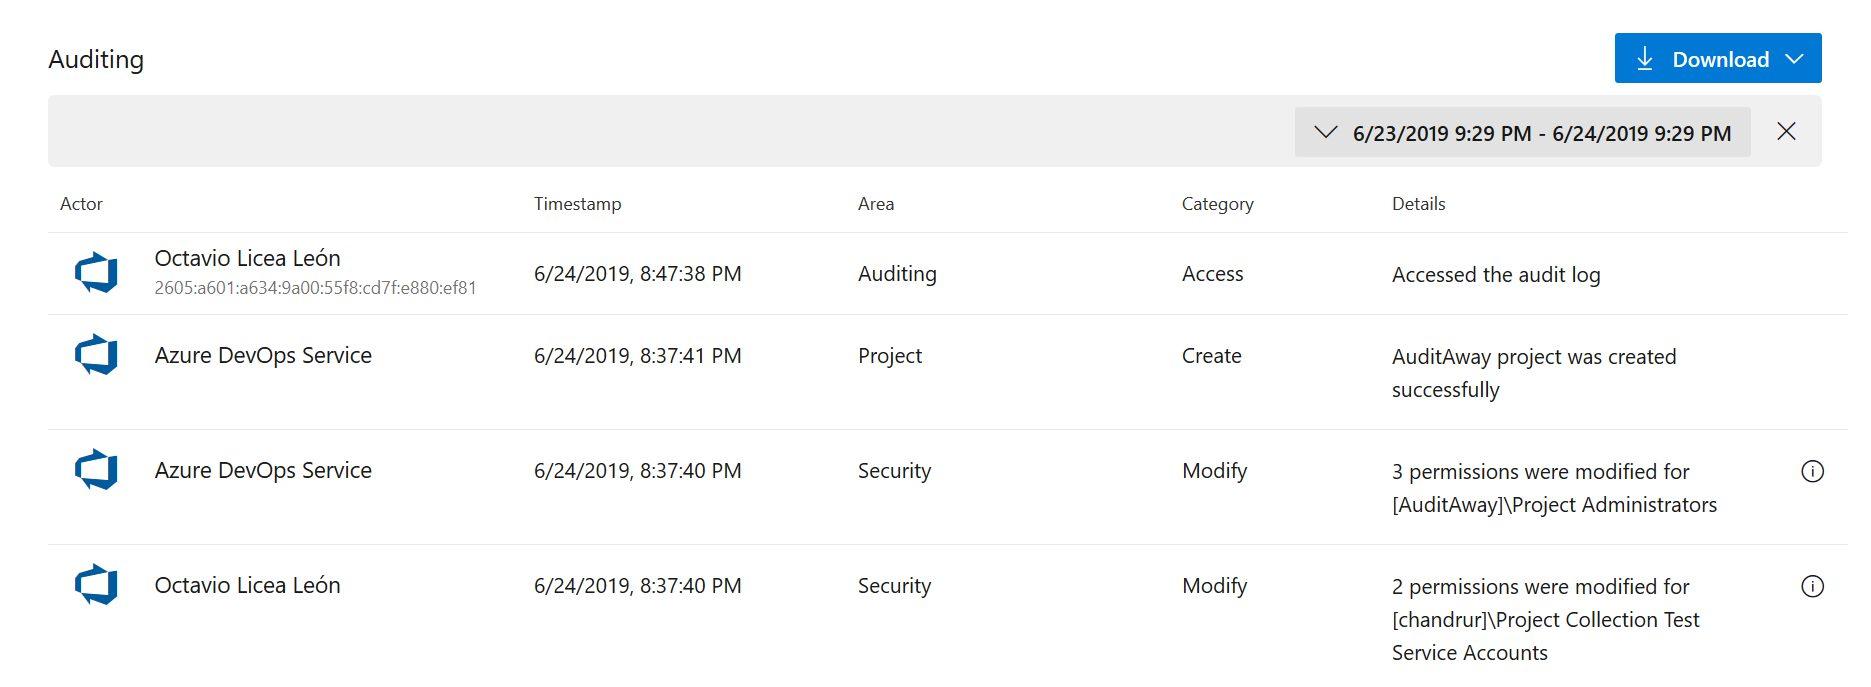 Azure DevOps Auditing